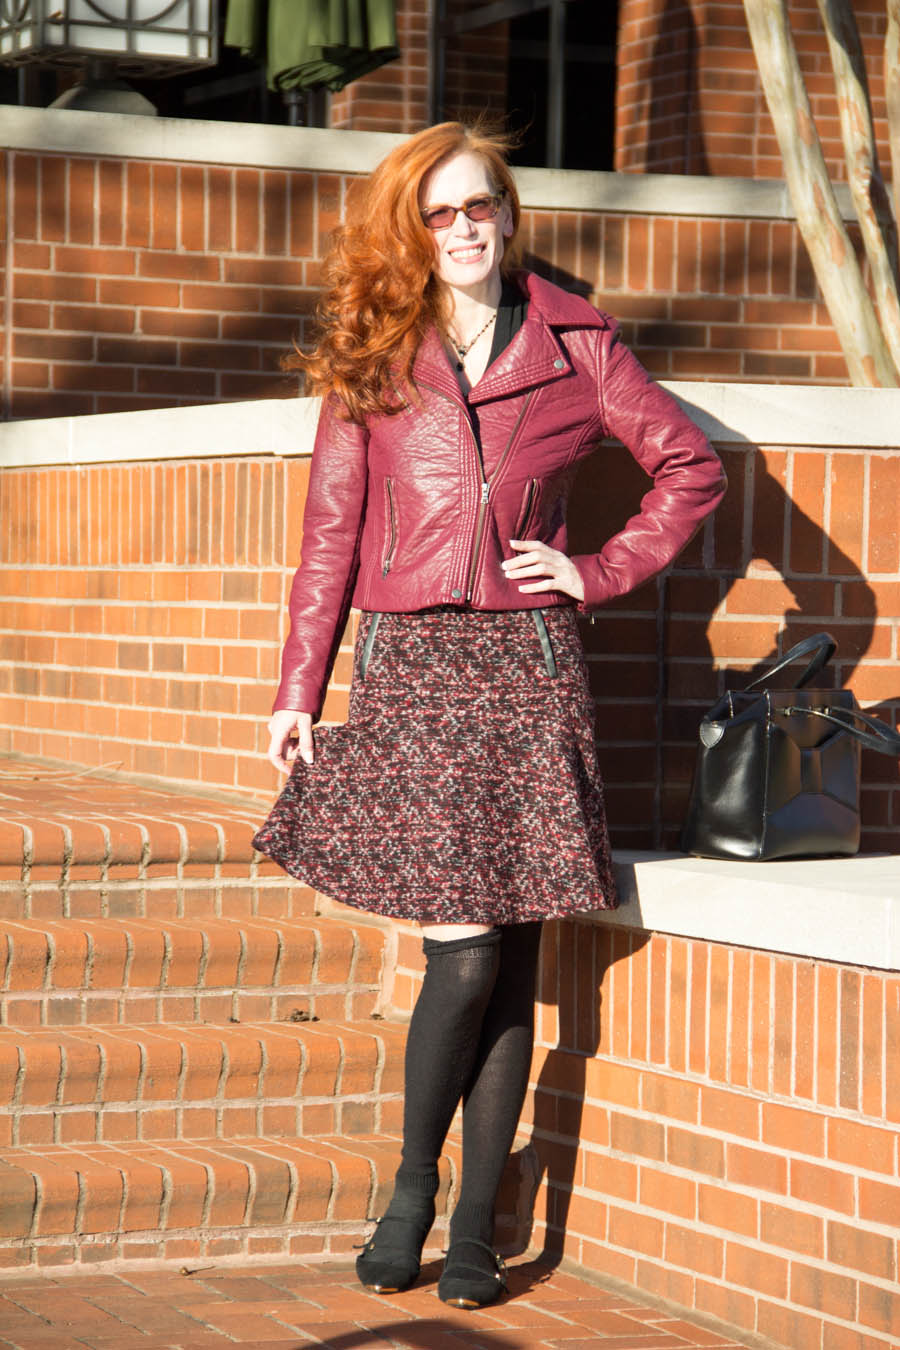 Maroon Leather Jacket With Flirty Skirt Elegantly